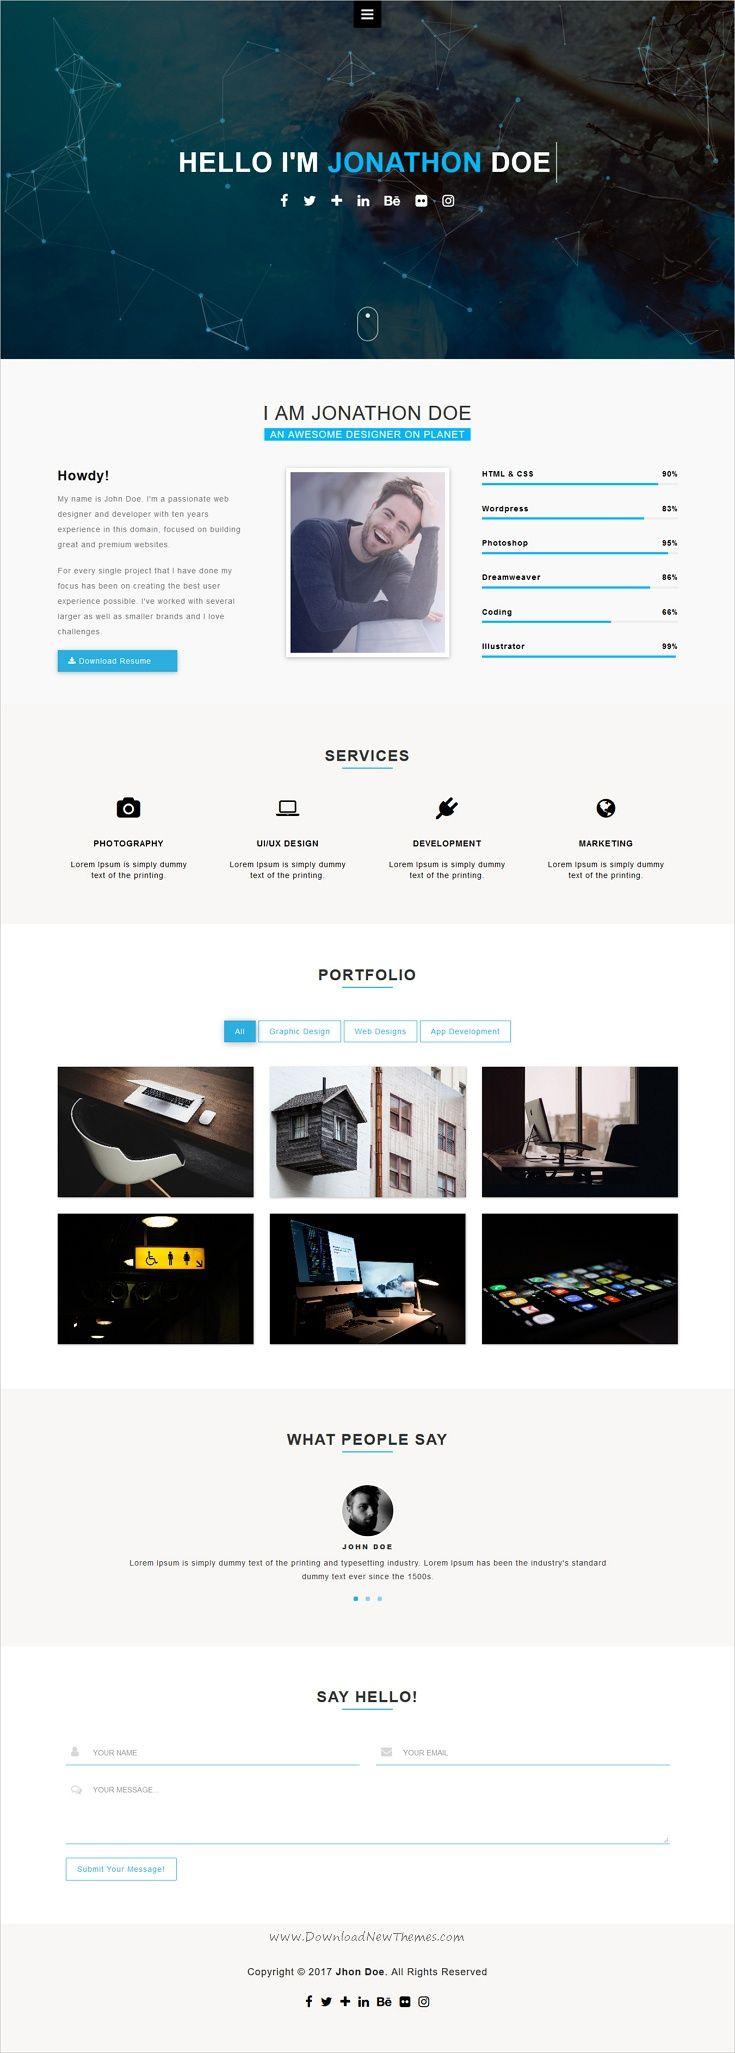 Jorel  Personal Portfolio  Vcard  Cv  Resume Template  Cv